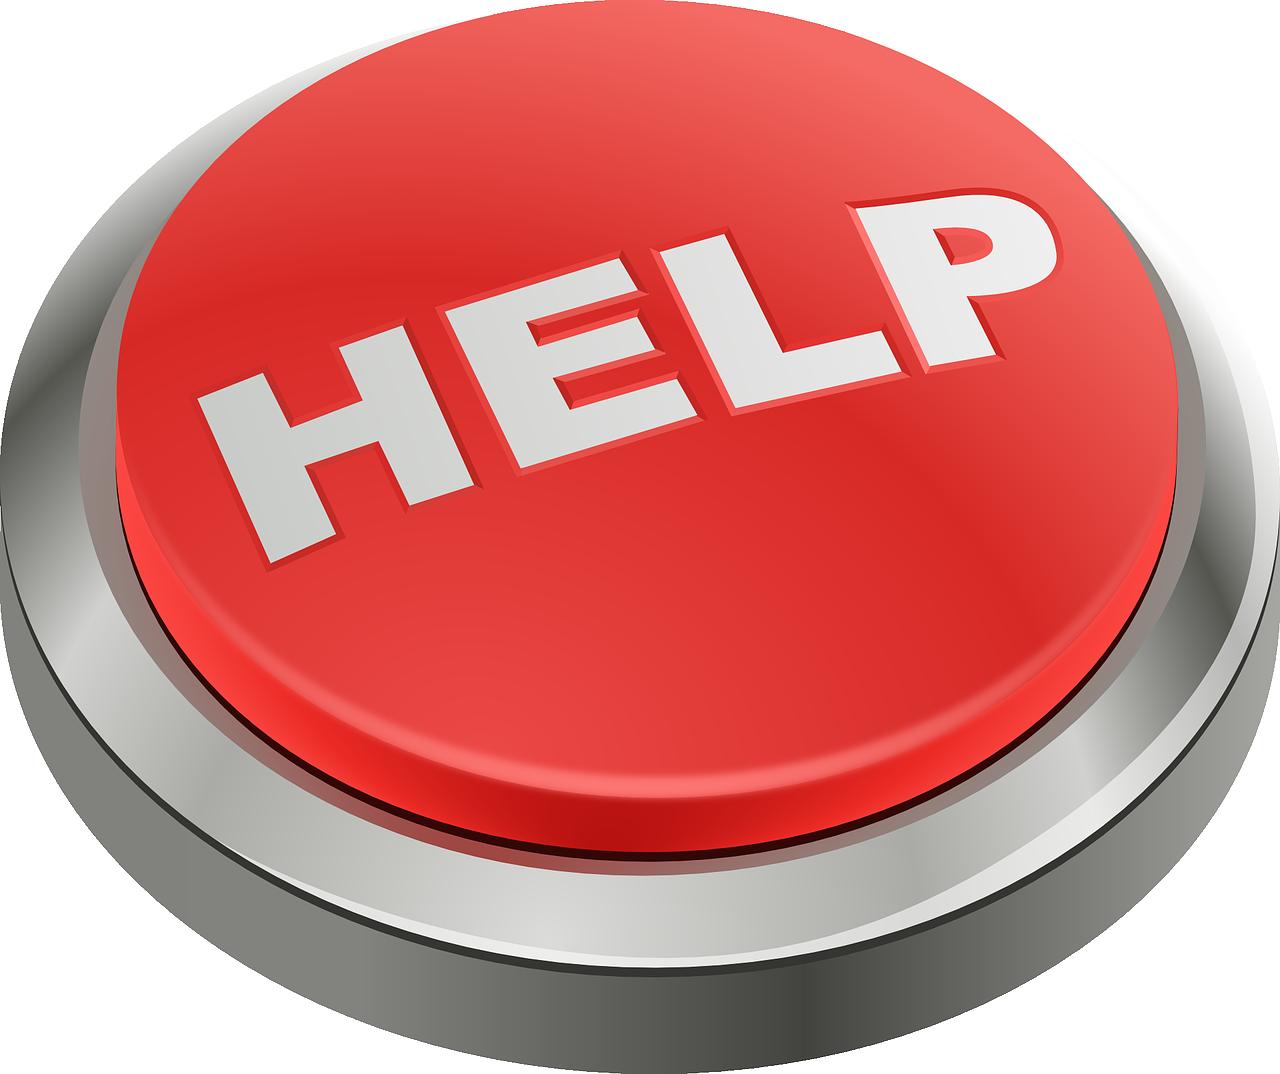 help, button, red-153094.jpg